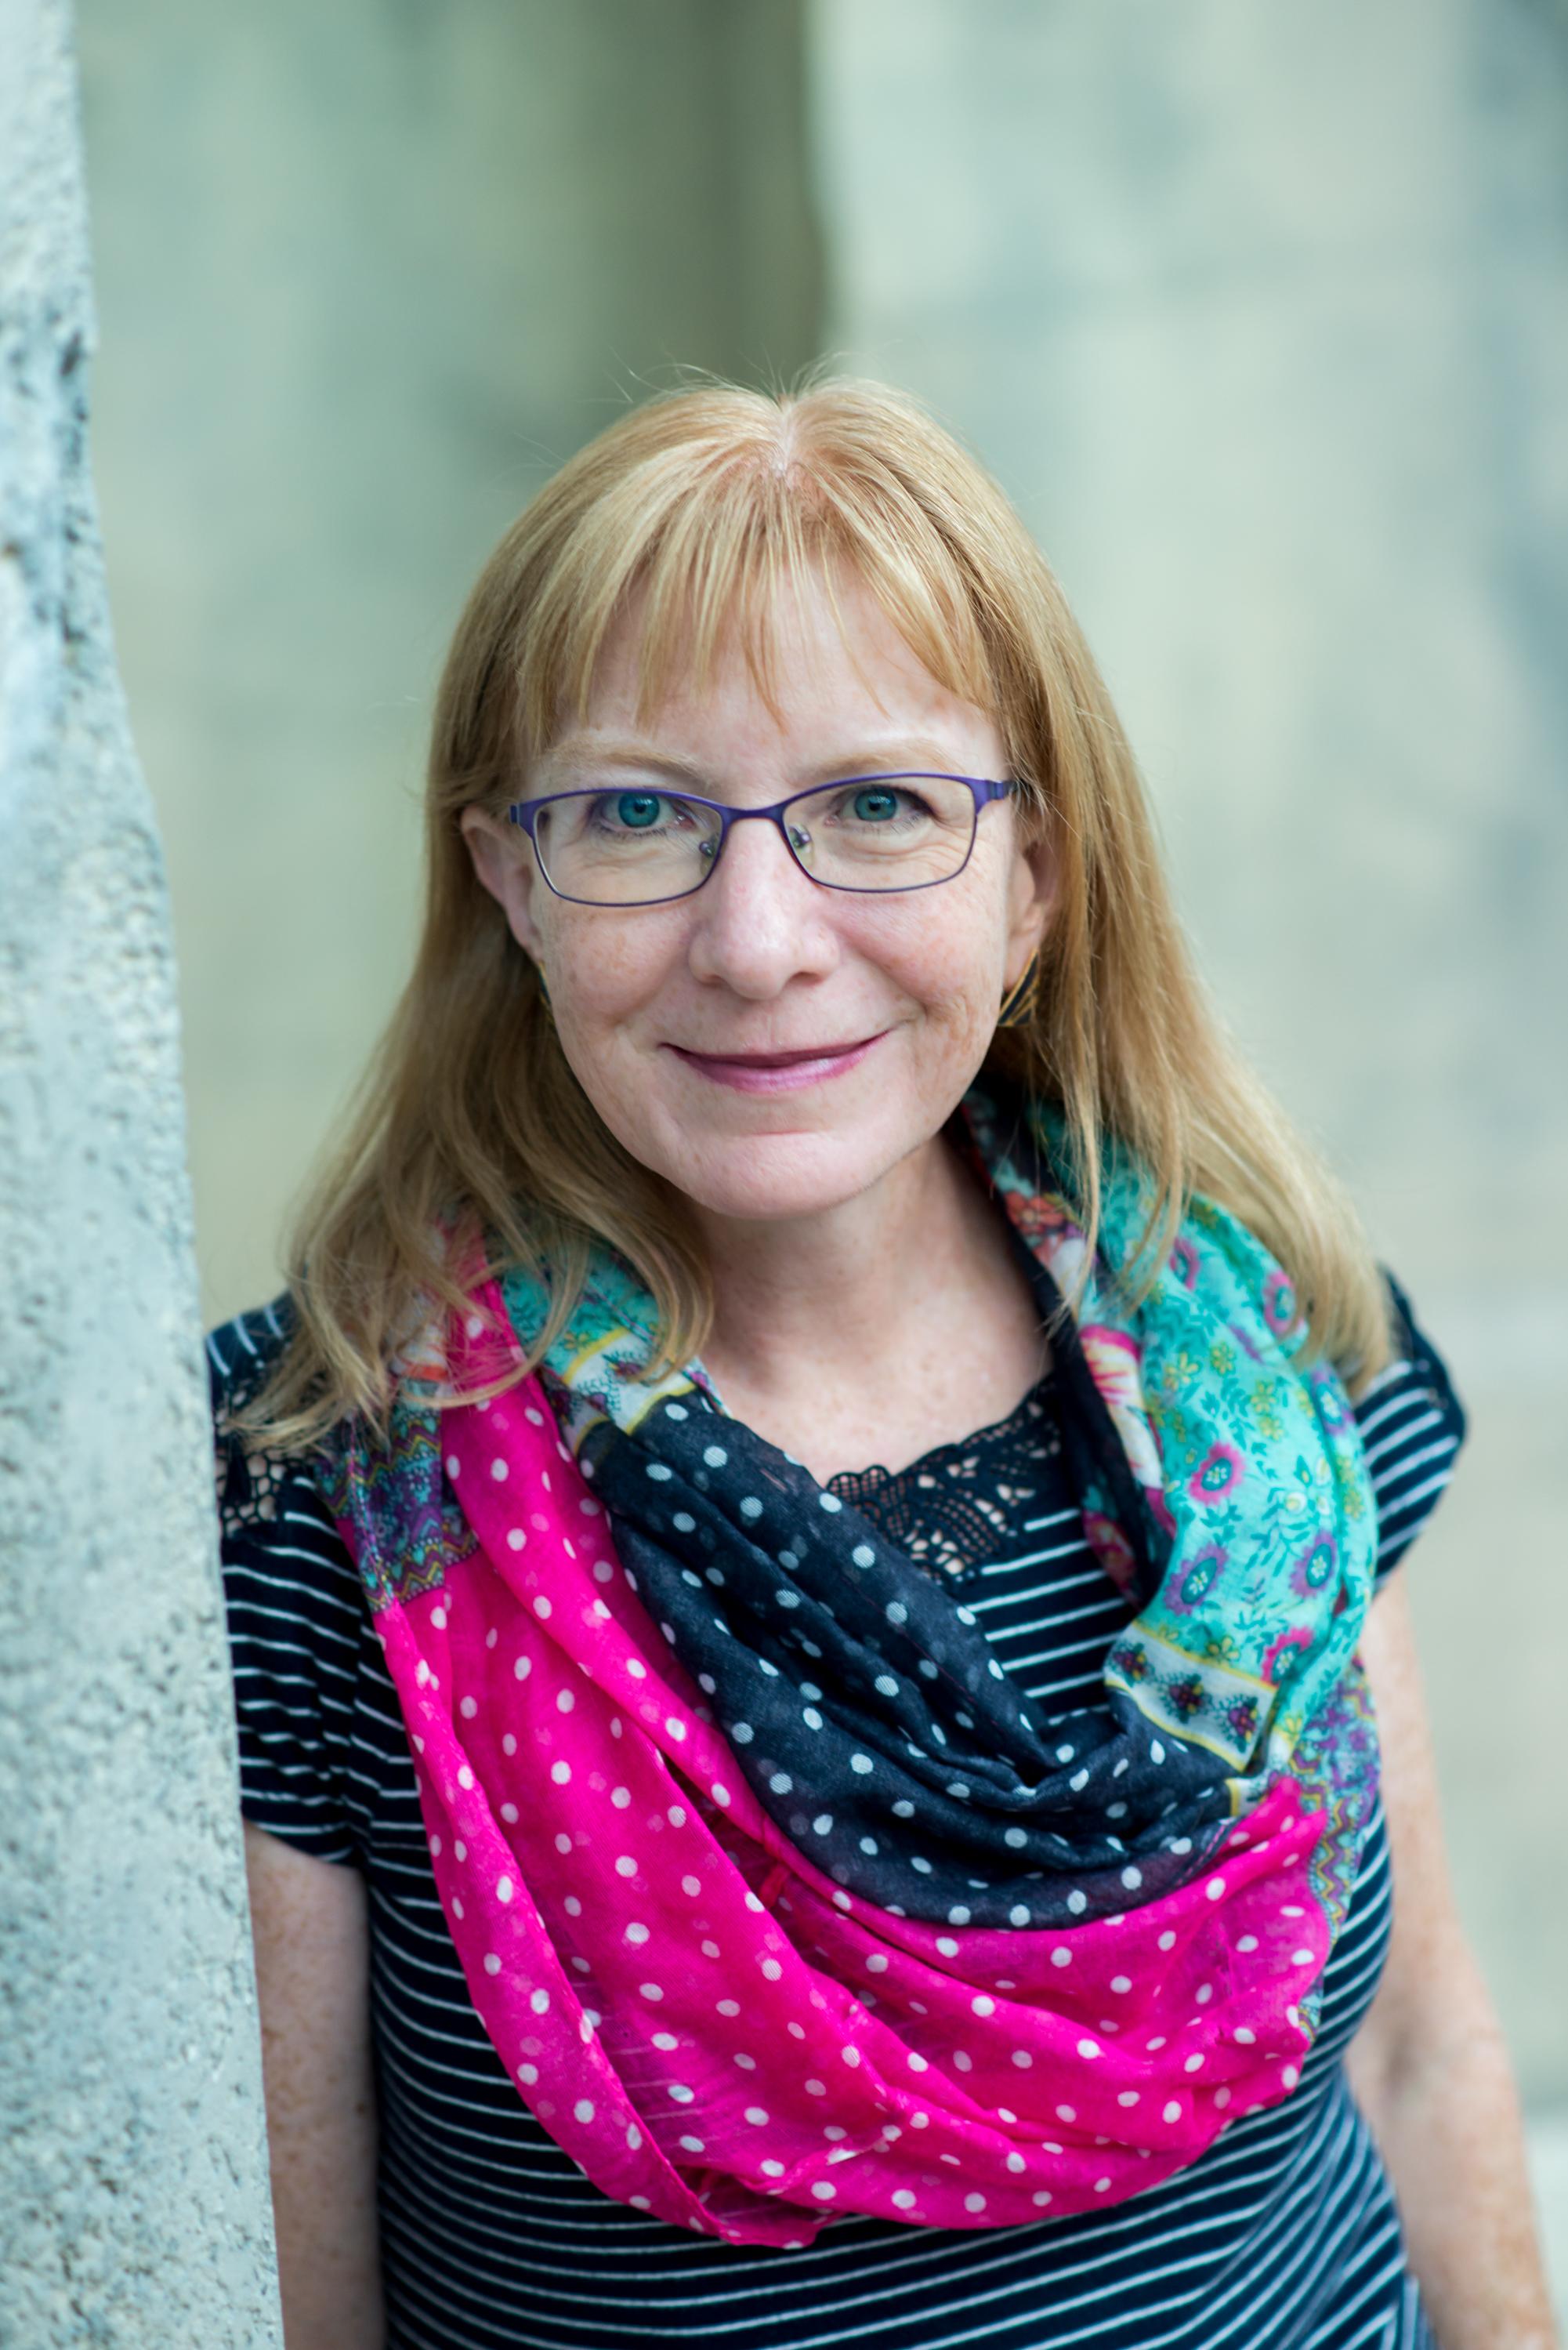 Suzanne Norquist Headshot 3